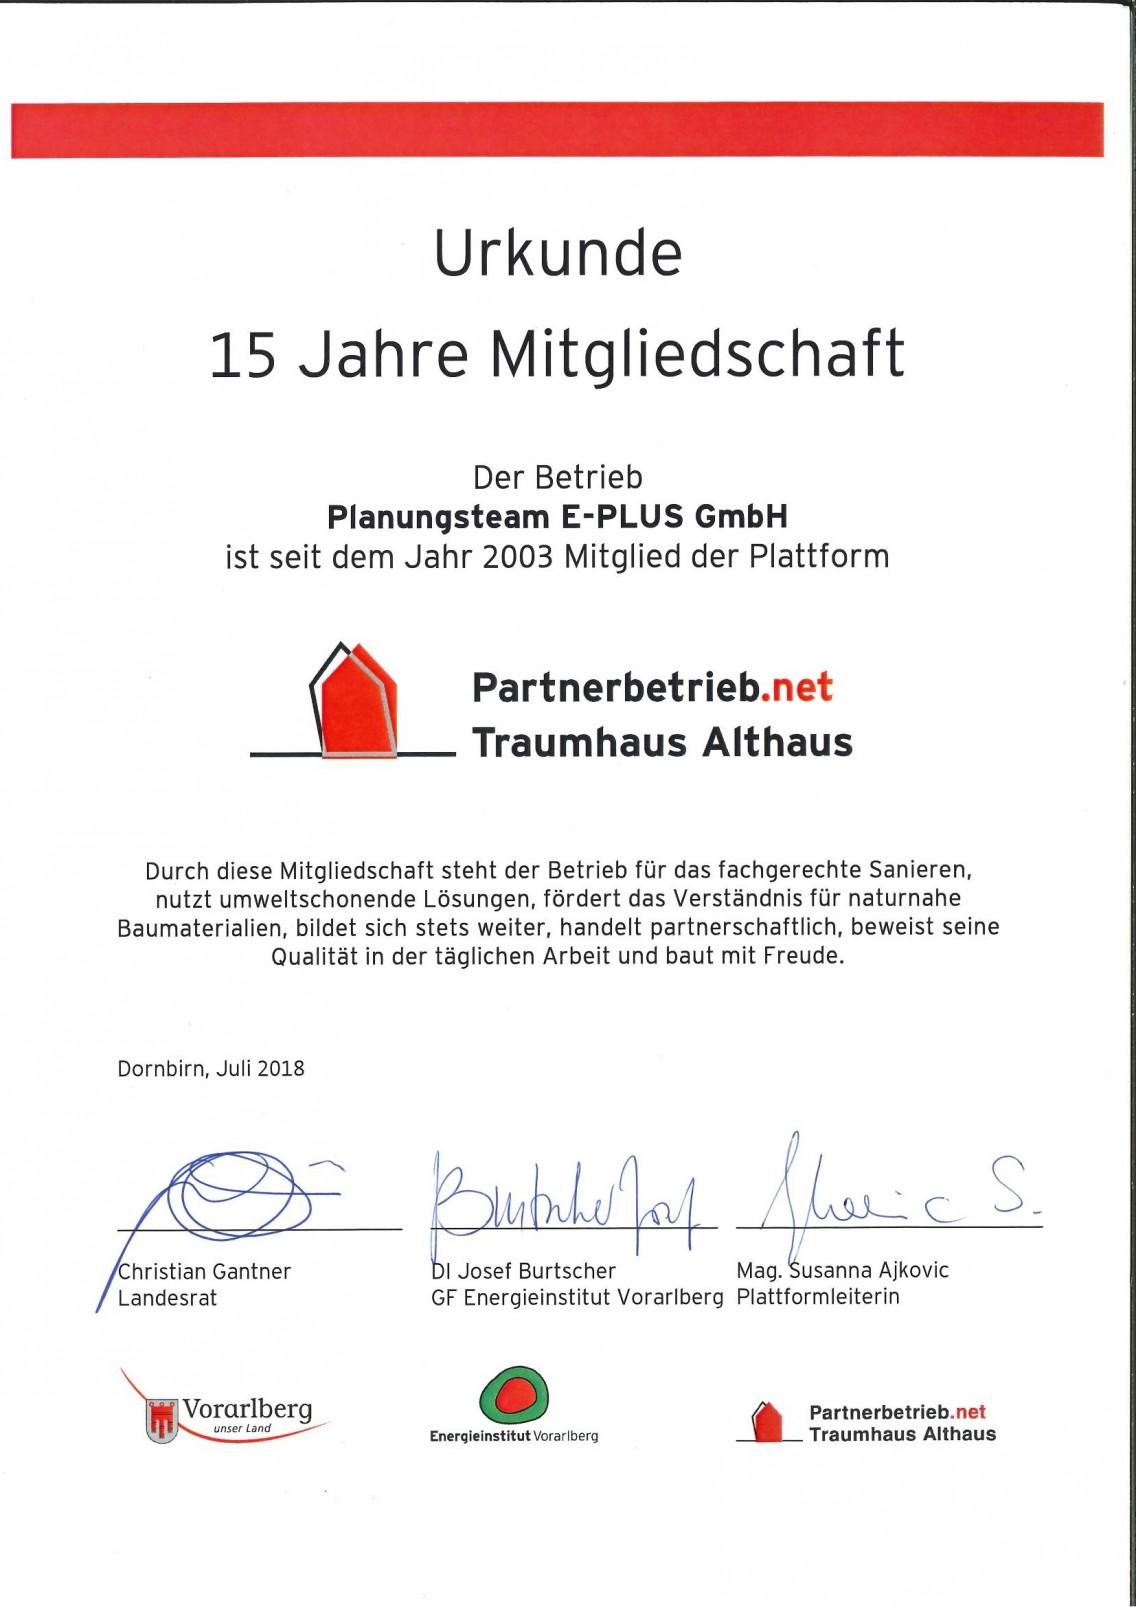 15 Jahre Mitgliedschaft bei Traumhaus Althaus